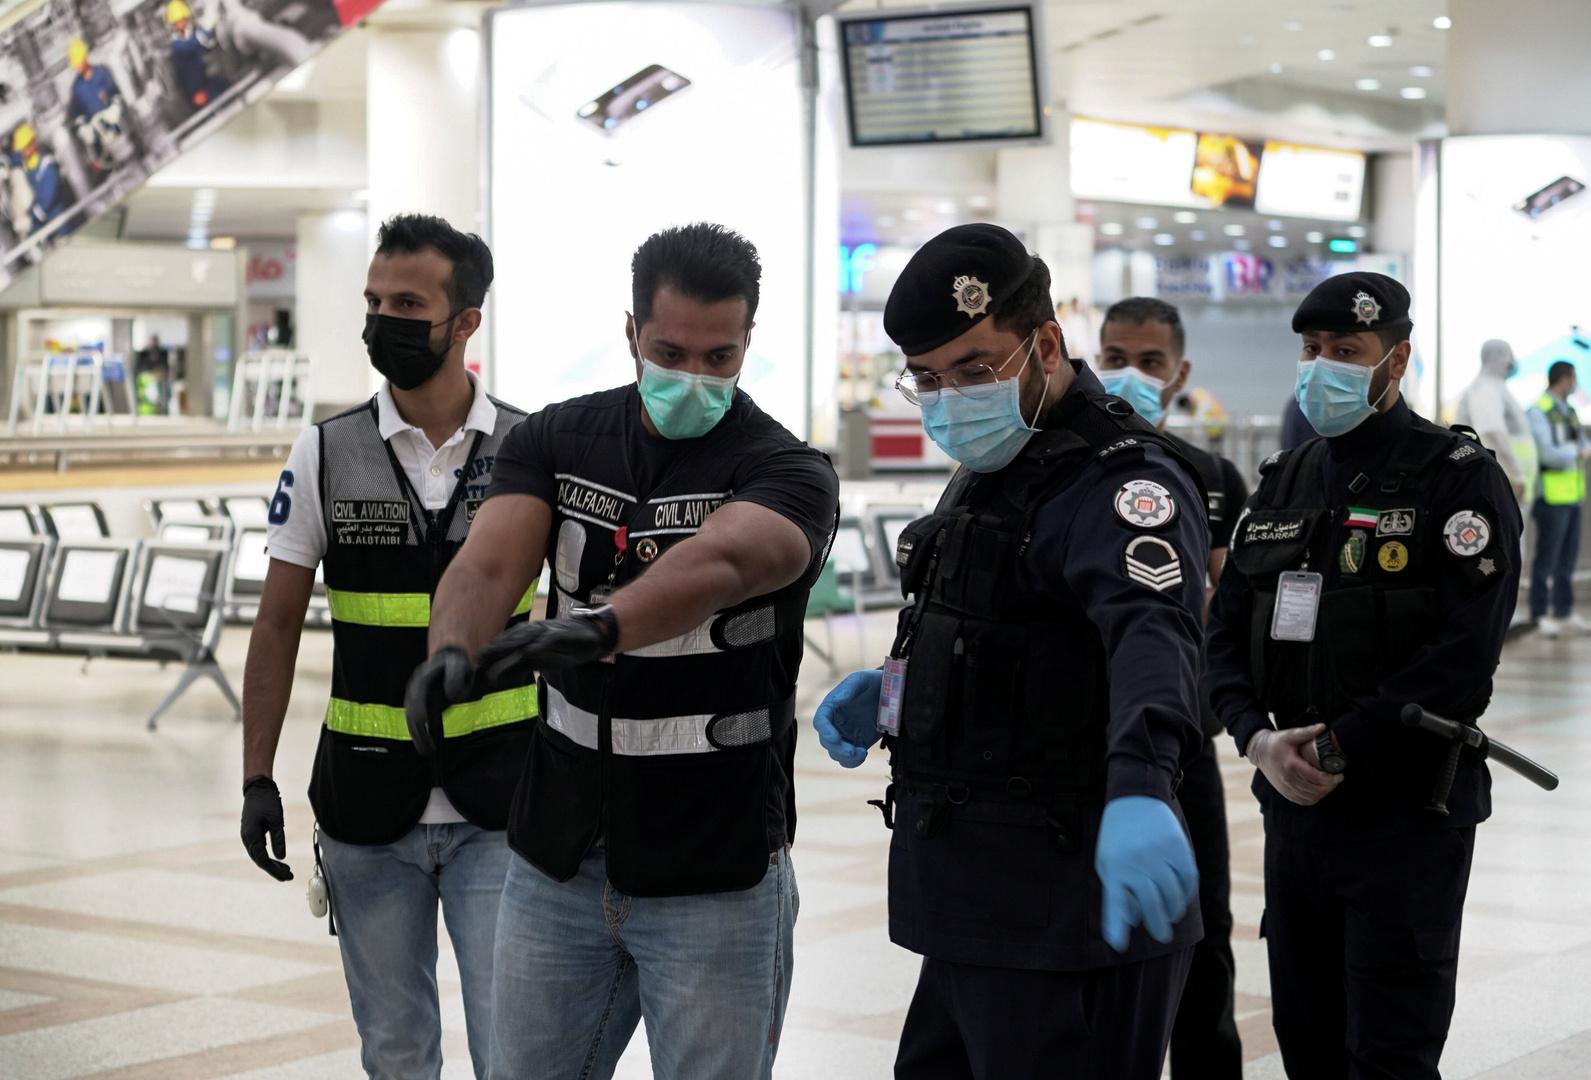 مطار الكويت يرفع توصية للحكومة تمنع الوافدين من دخول البلاد